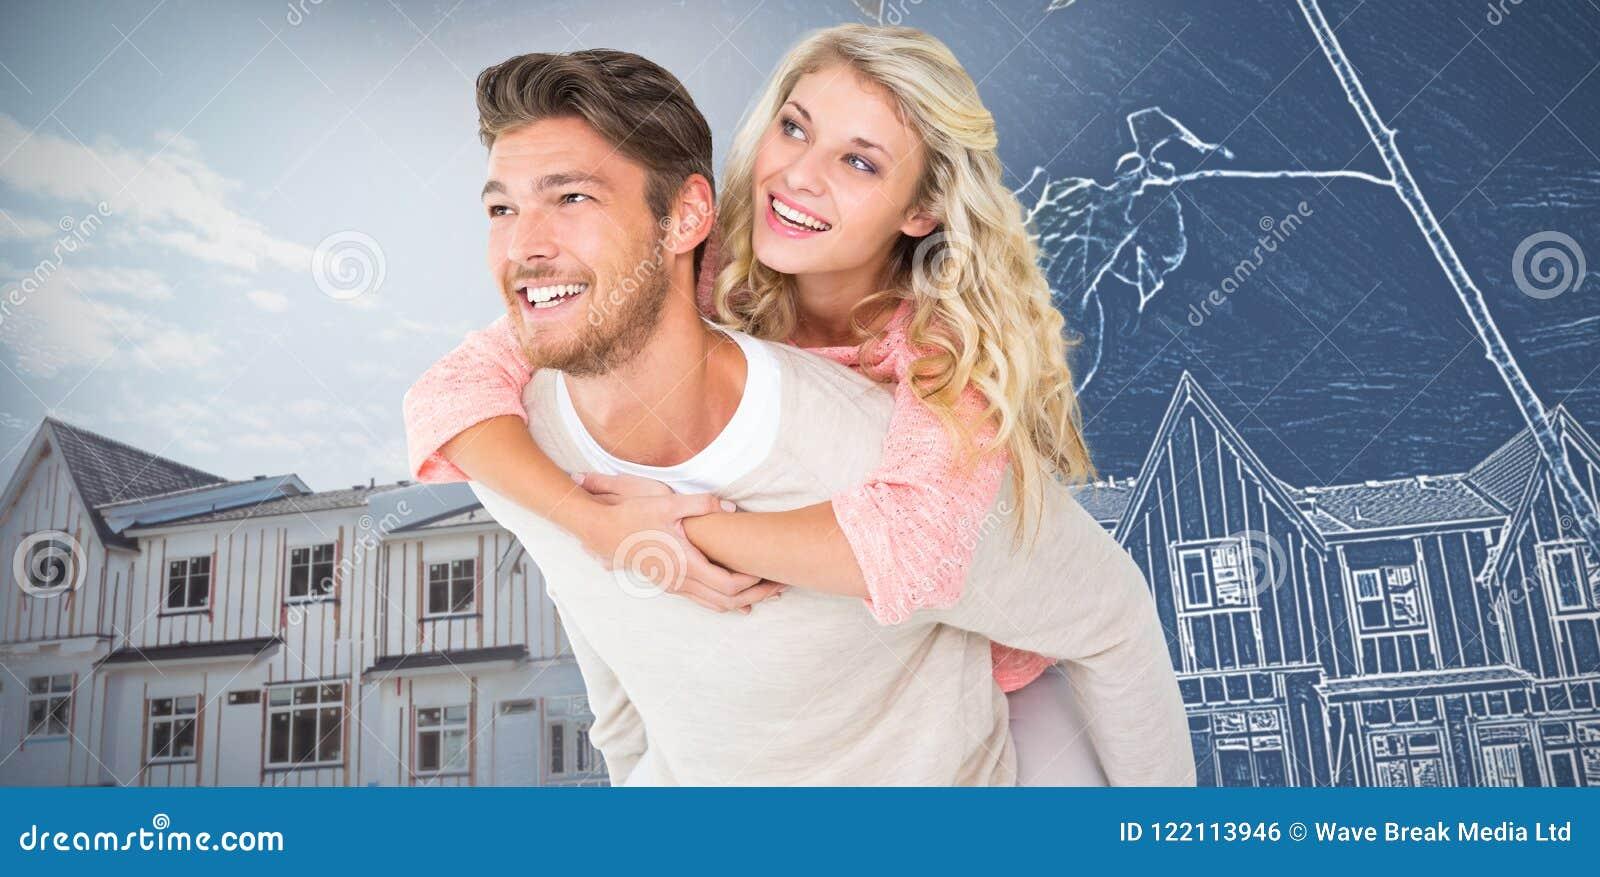 Dating en man som har flickvän matchmaking Prato